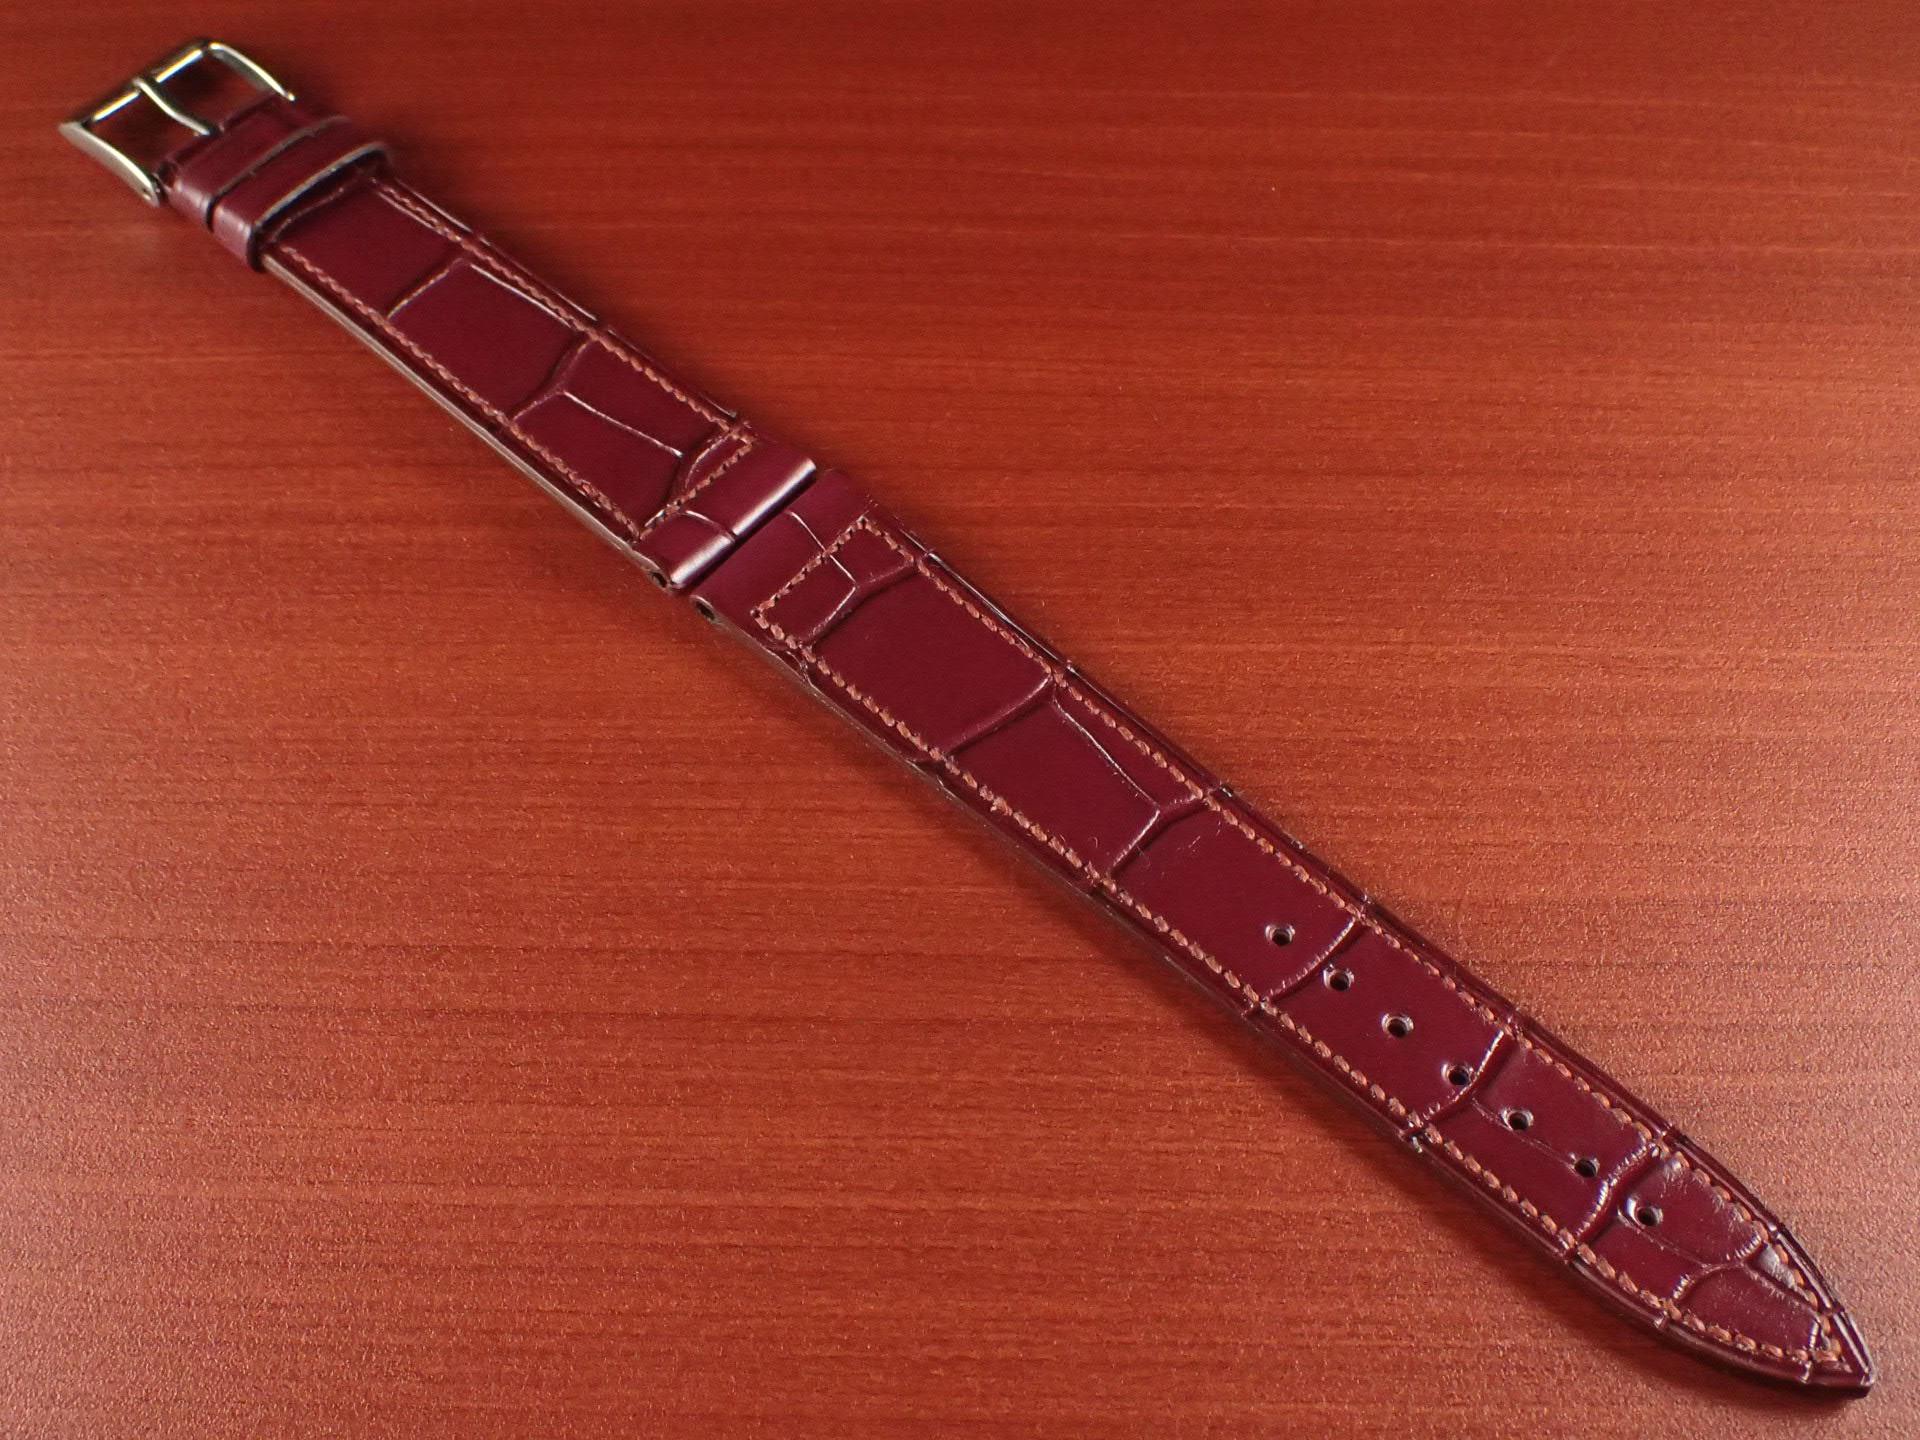 ジャン・クロード ペラン革ベルト クロコダイル ボルドー 18mmのメイン写真